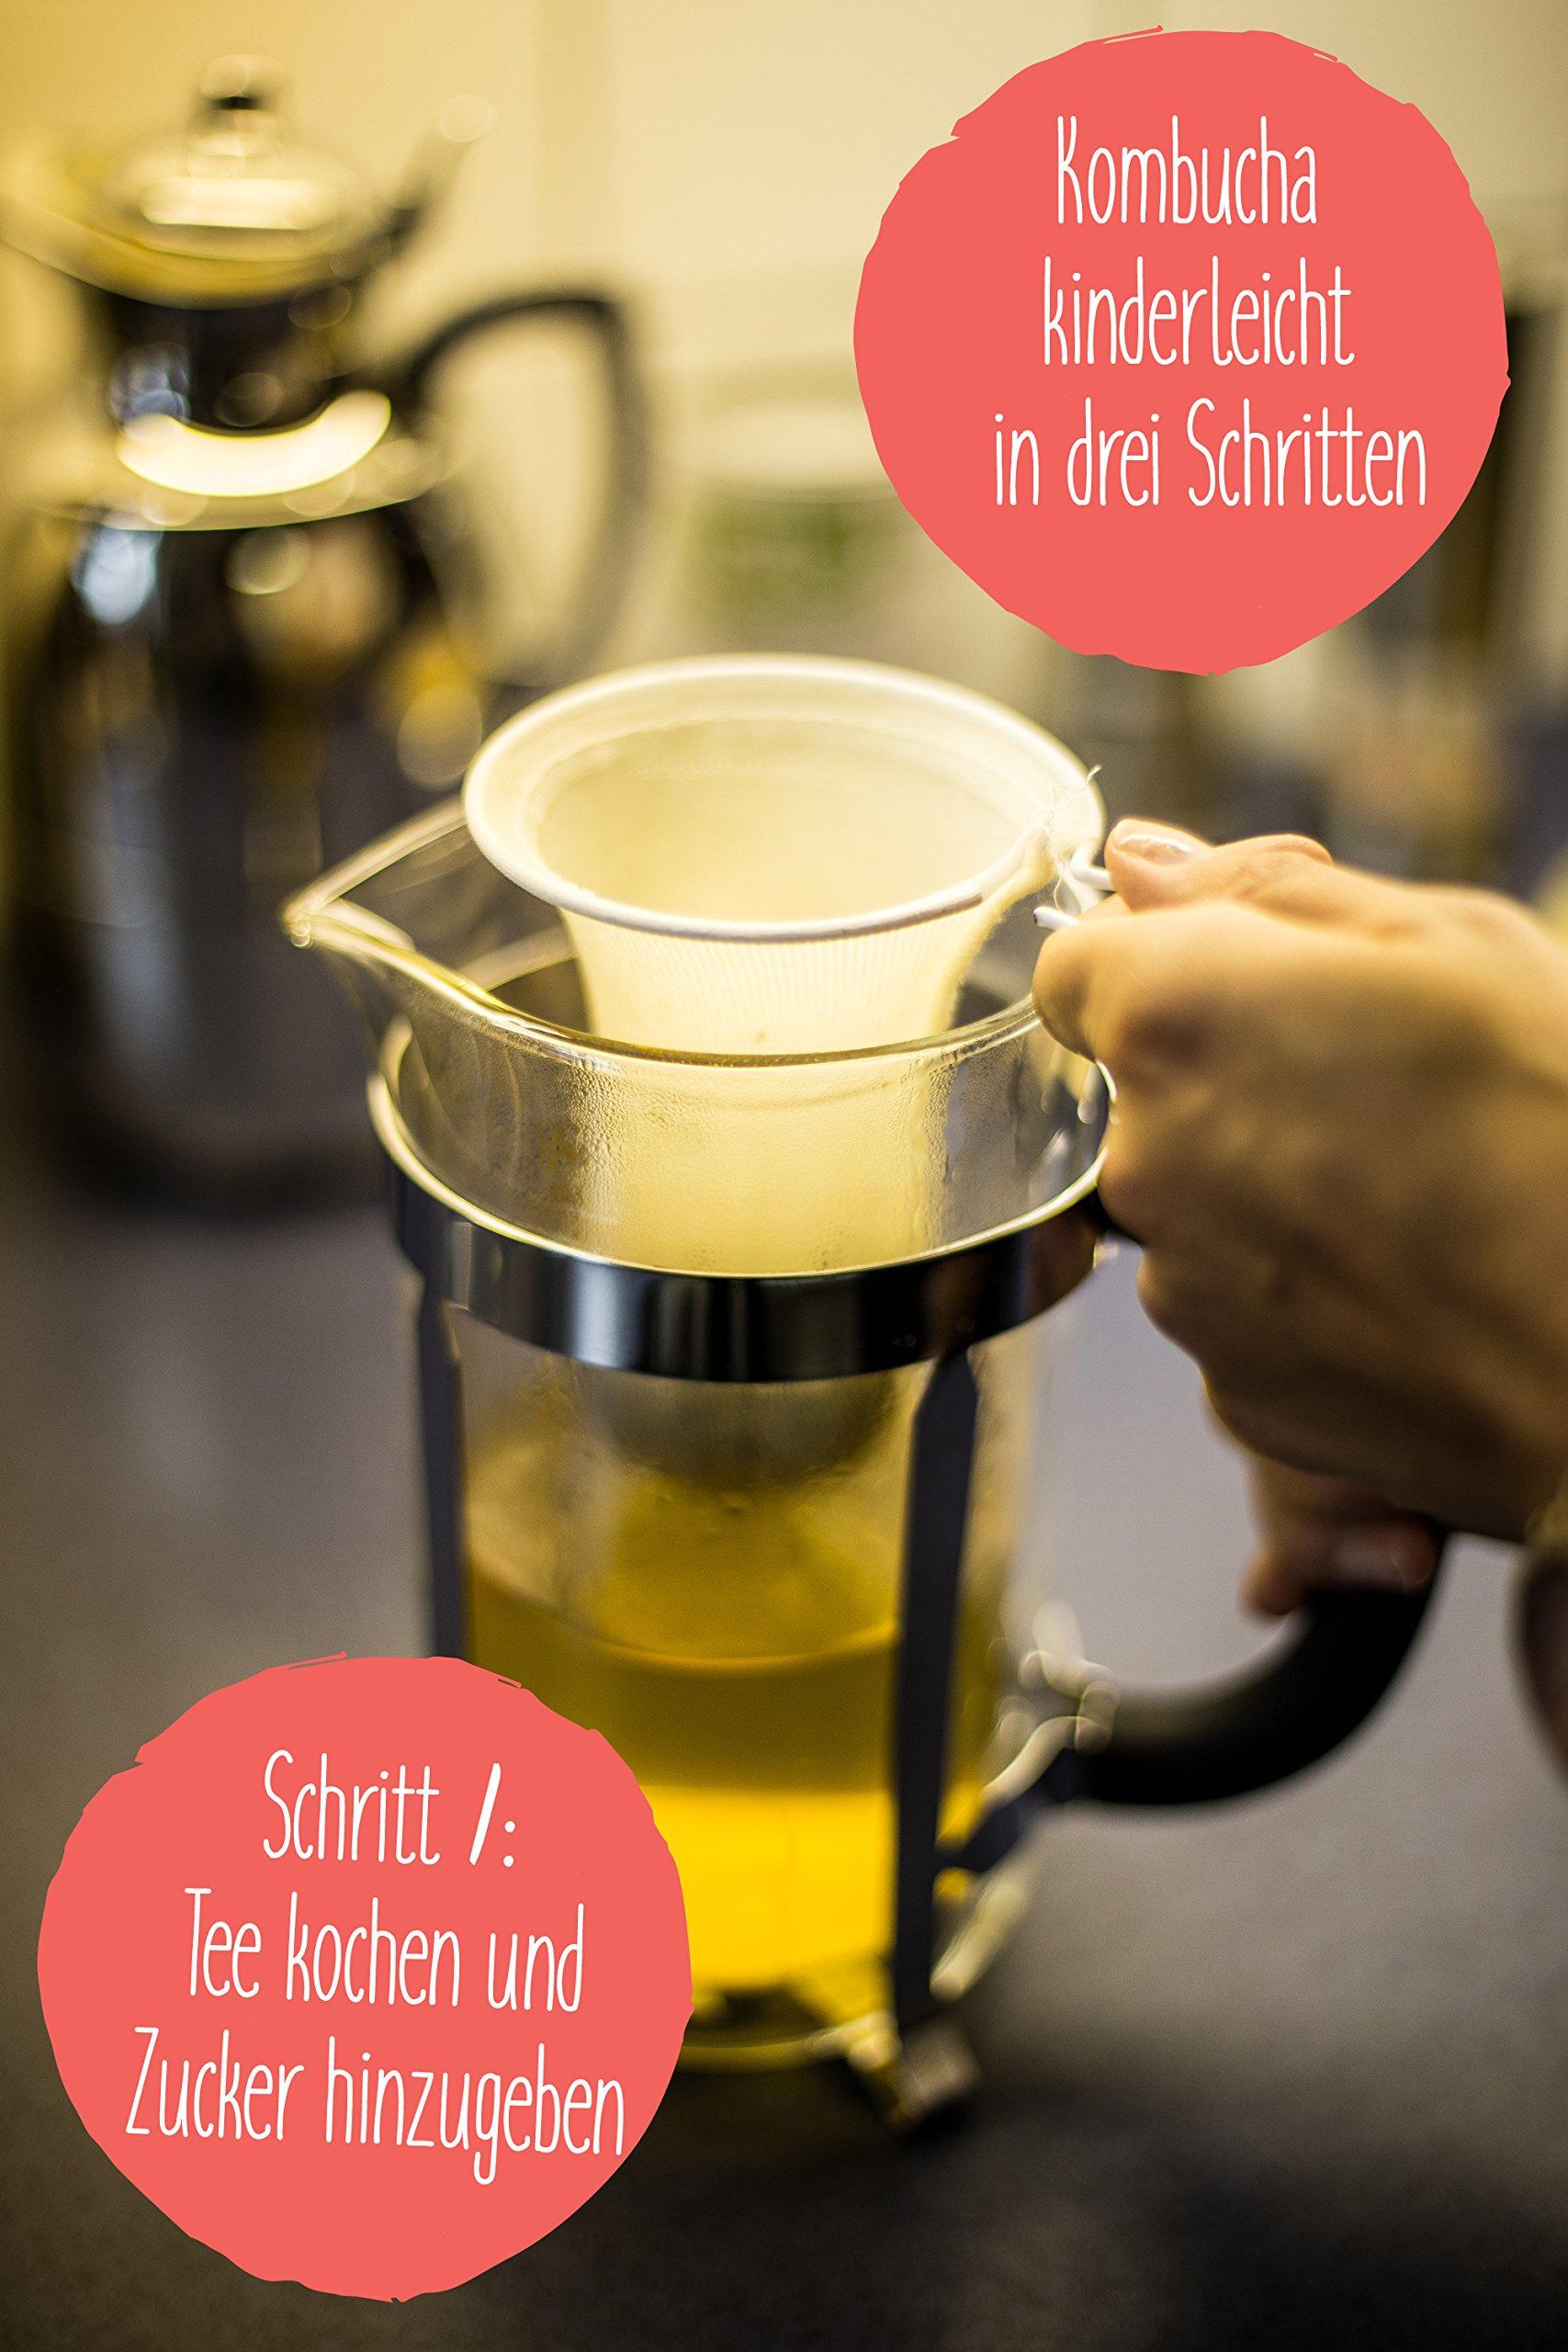 Original-Kombucha-Tee-Pilz-in-Premium-Gre-Besonders-Vitaler-Scoby-in-Bio-Qualitt-fr-1-5L-Mit-Kombucha-Getrnk-Anleitung-und-Erfolgsgarantie-von-Fairment-